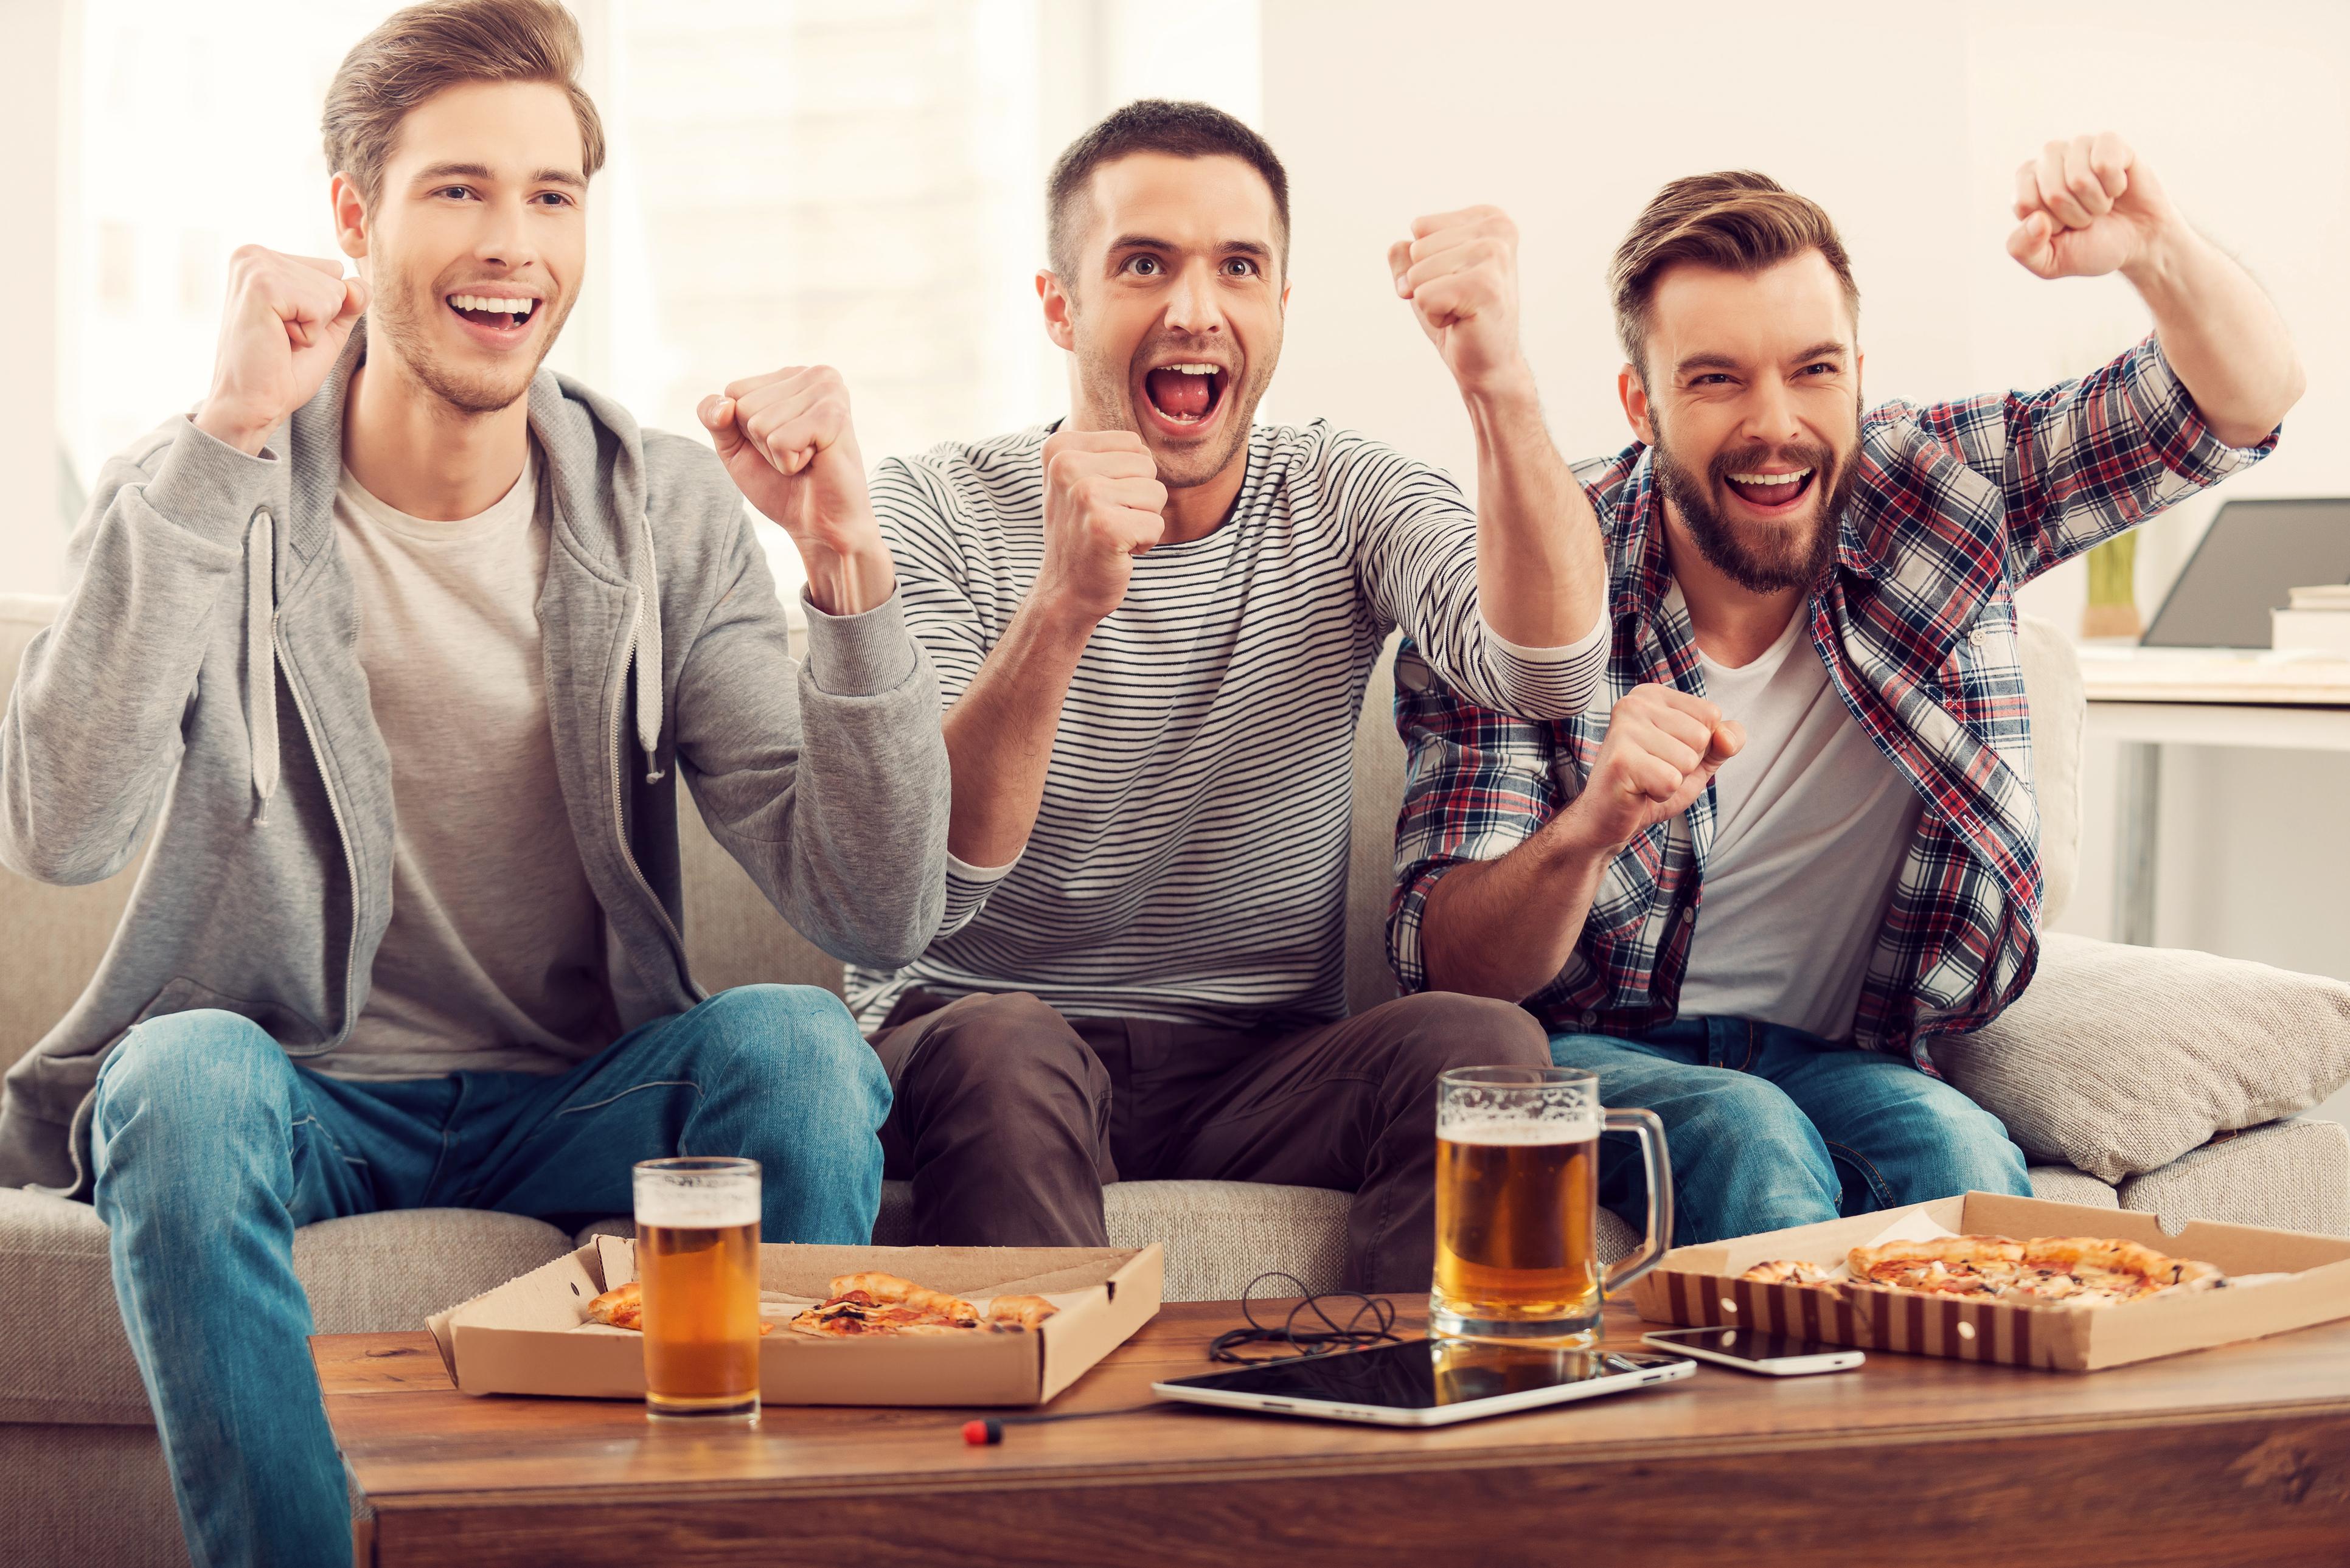 TV-vuositilaisuus: Total TV -mittaus muutti kärkilistat